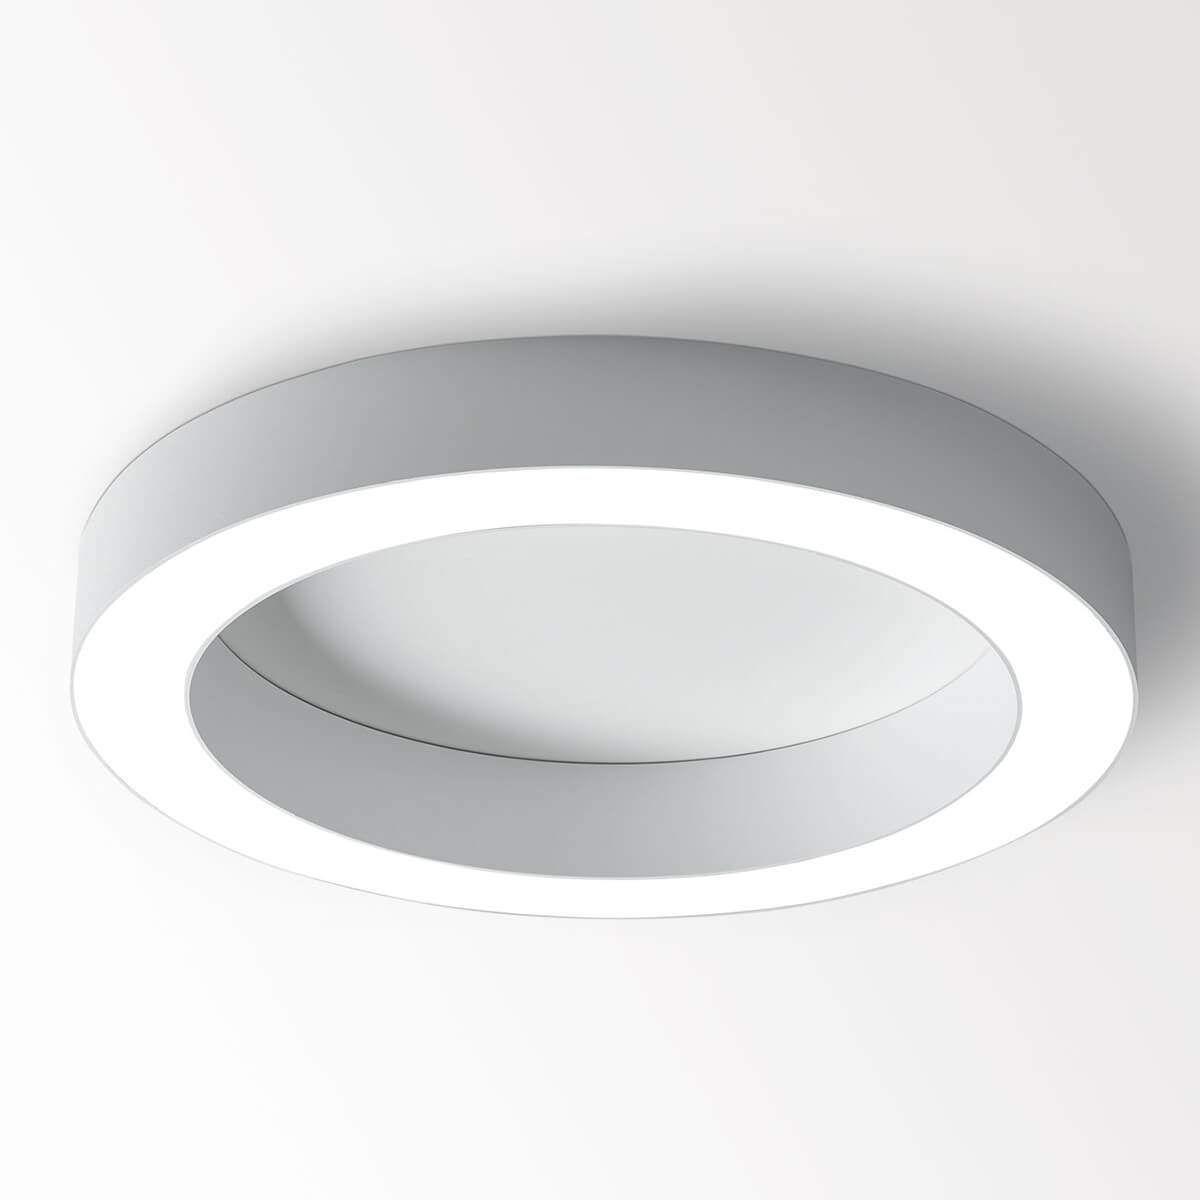 Full Size of Deckenleuchten Design Delta Light Super Oh Xs Led Deckenleuchte Lampen Und Leuchten Küche Industriedesign Wohnzimmer Designer Esstisch Esstische Bett Modern Wohnzimmer Deckenleuchten Design